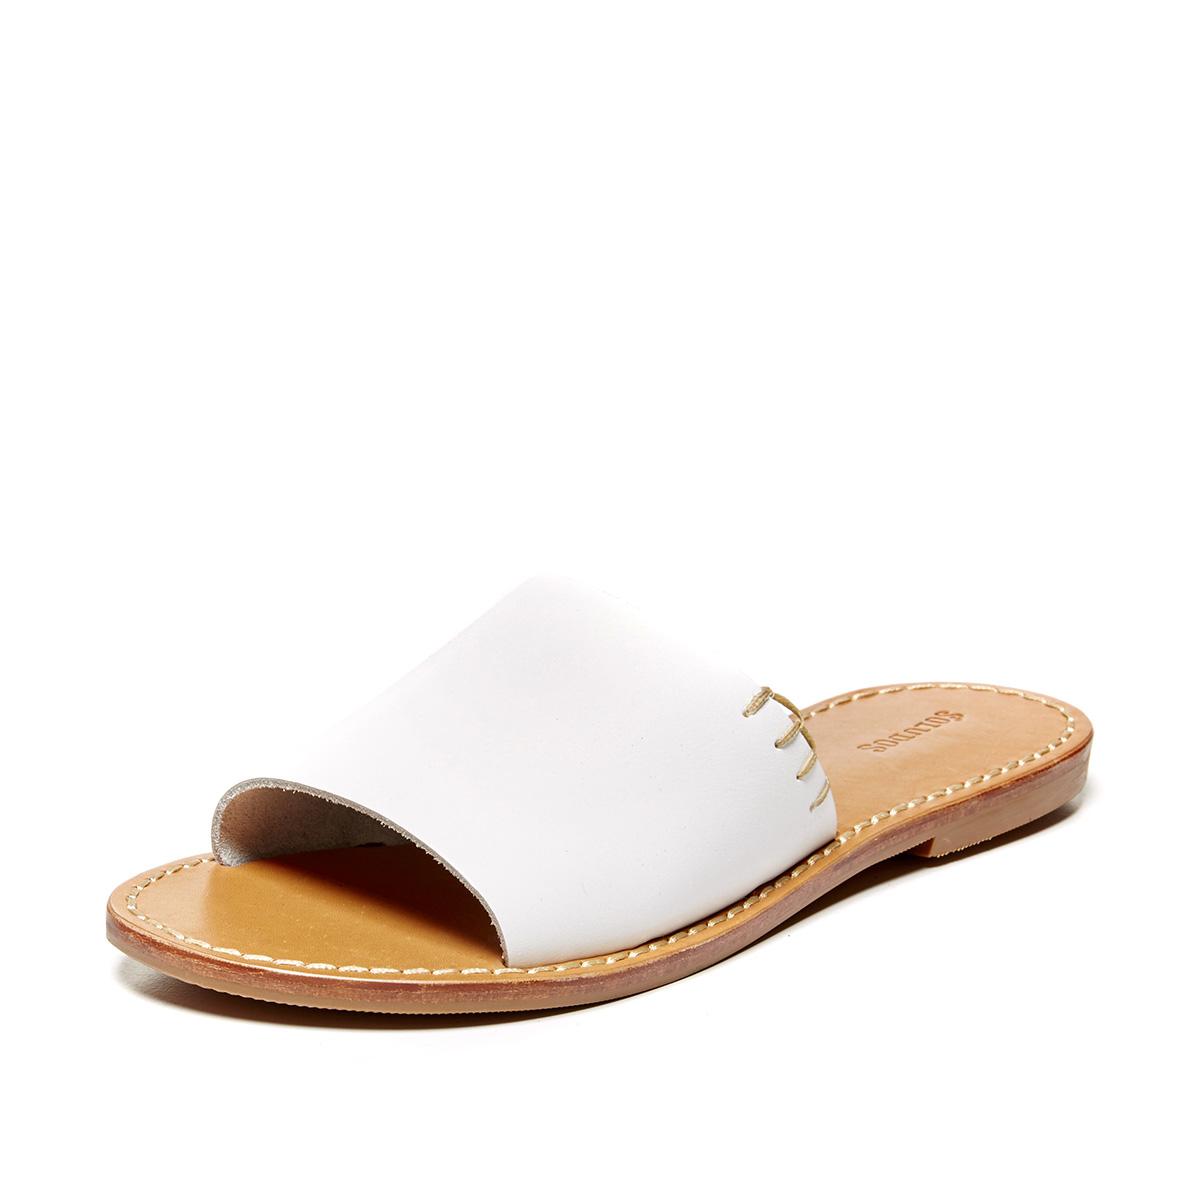 Soludos Shoes Uk